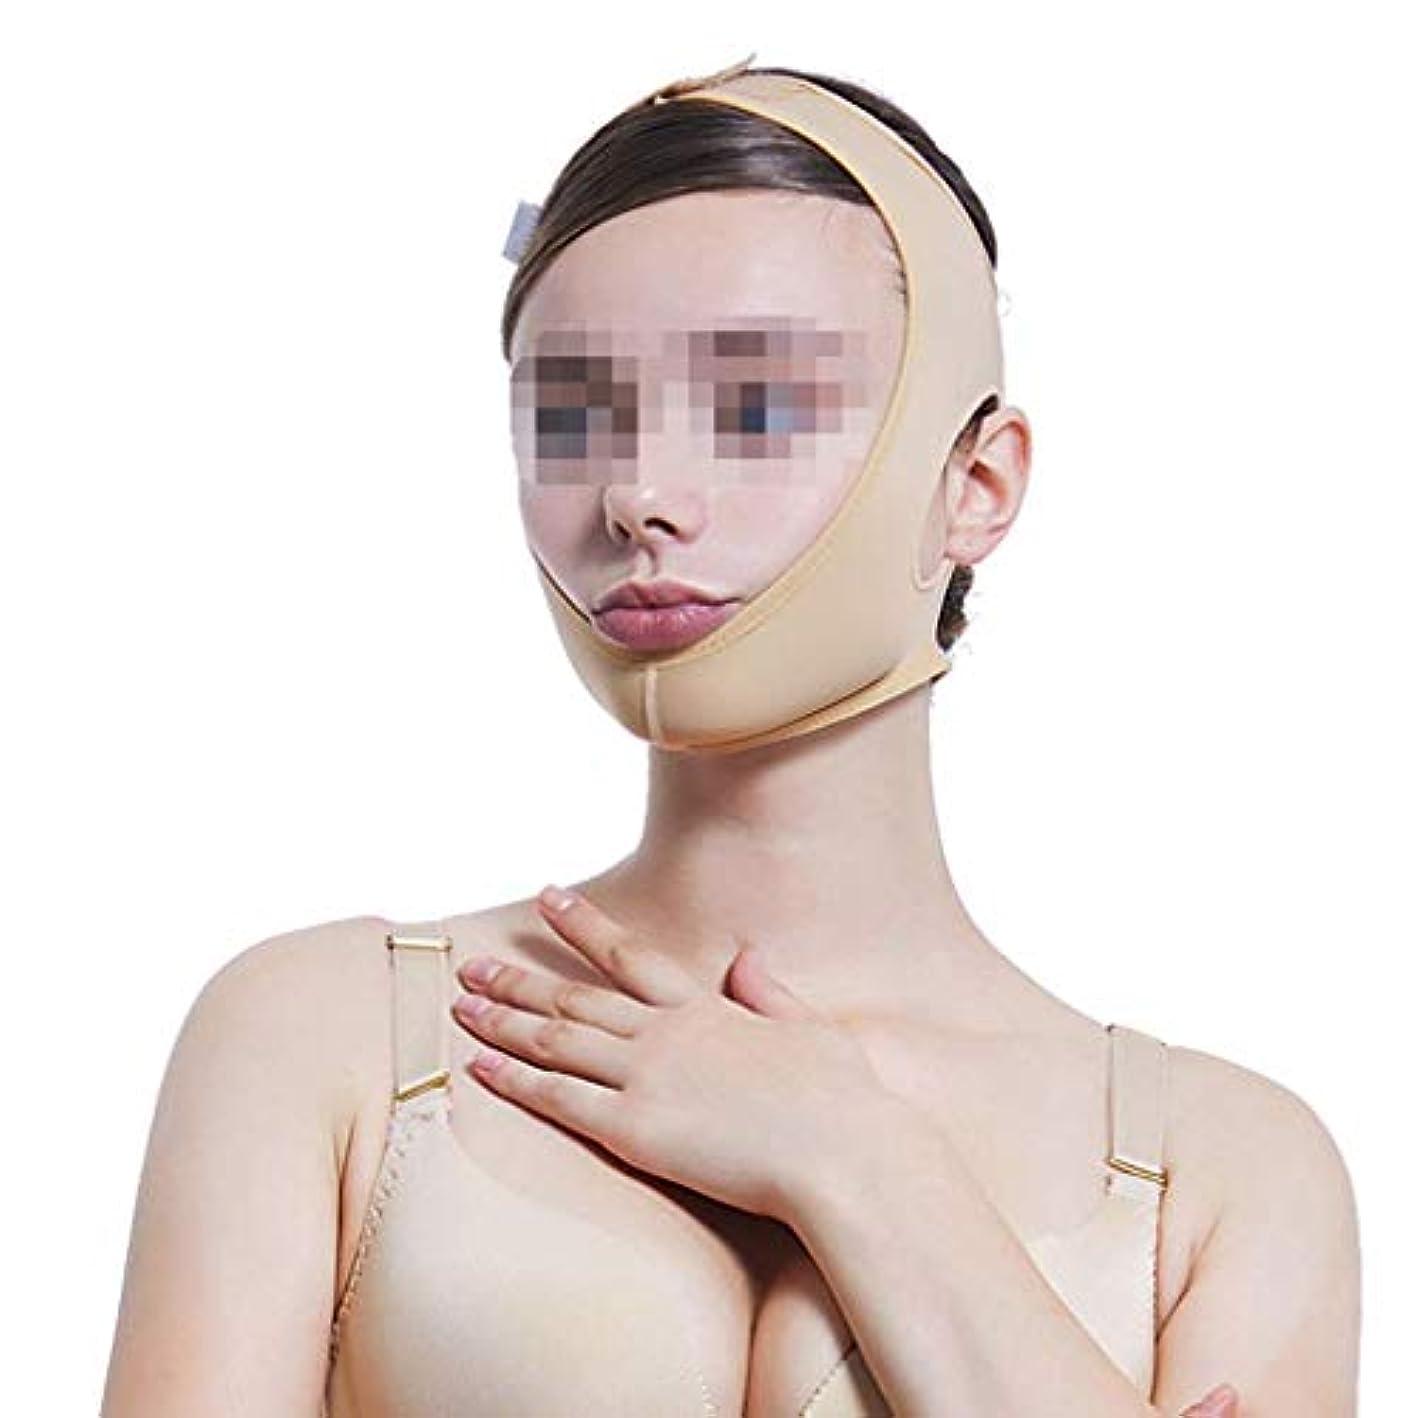 発明するうまくやる()十分なビームフェイス弾性ヘッドギア、ダブルあごのあごのセットをマスクの後に線彫り薄いフェイス包帯マルチサイズオプション(サイズ:XS),M